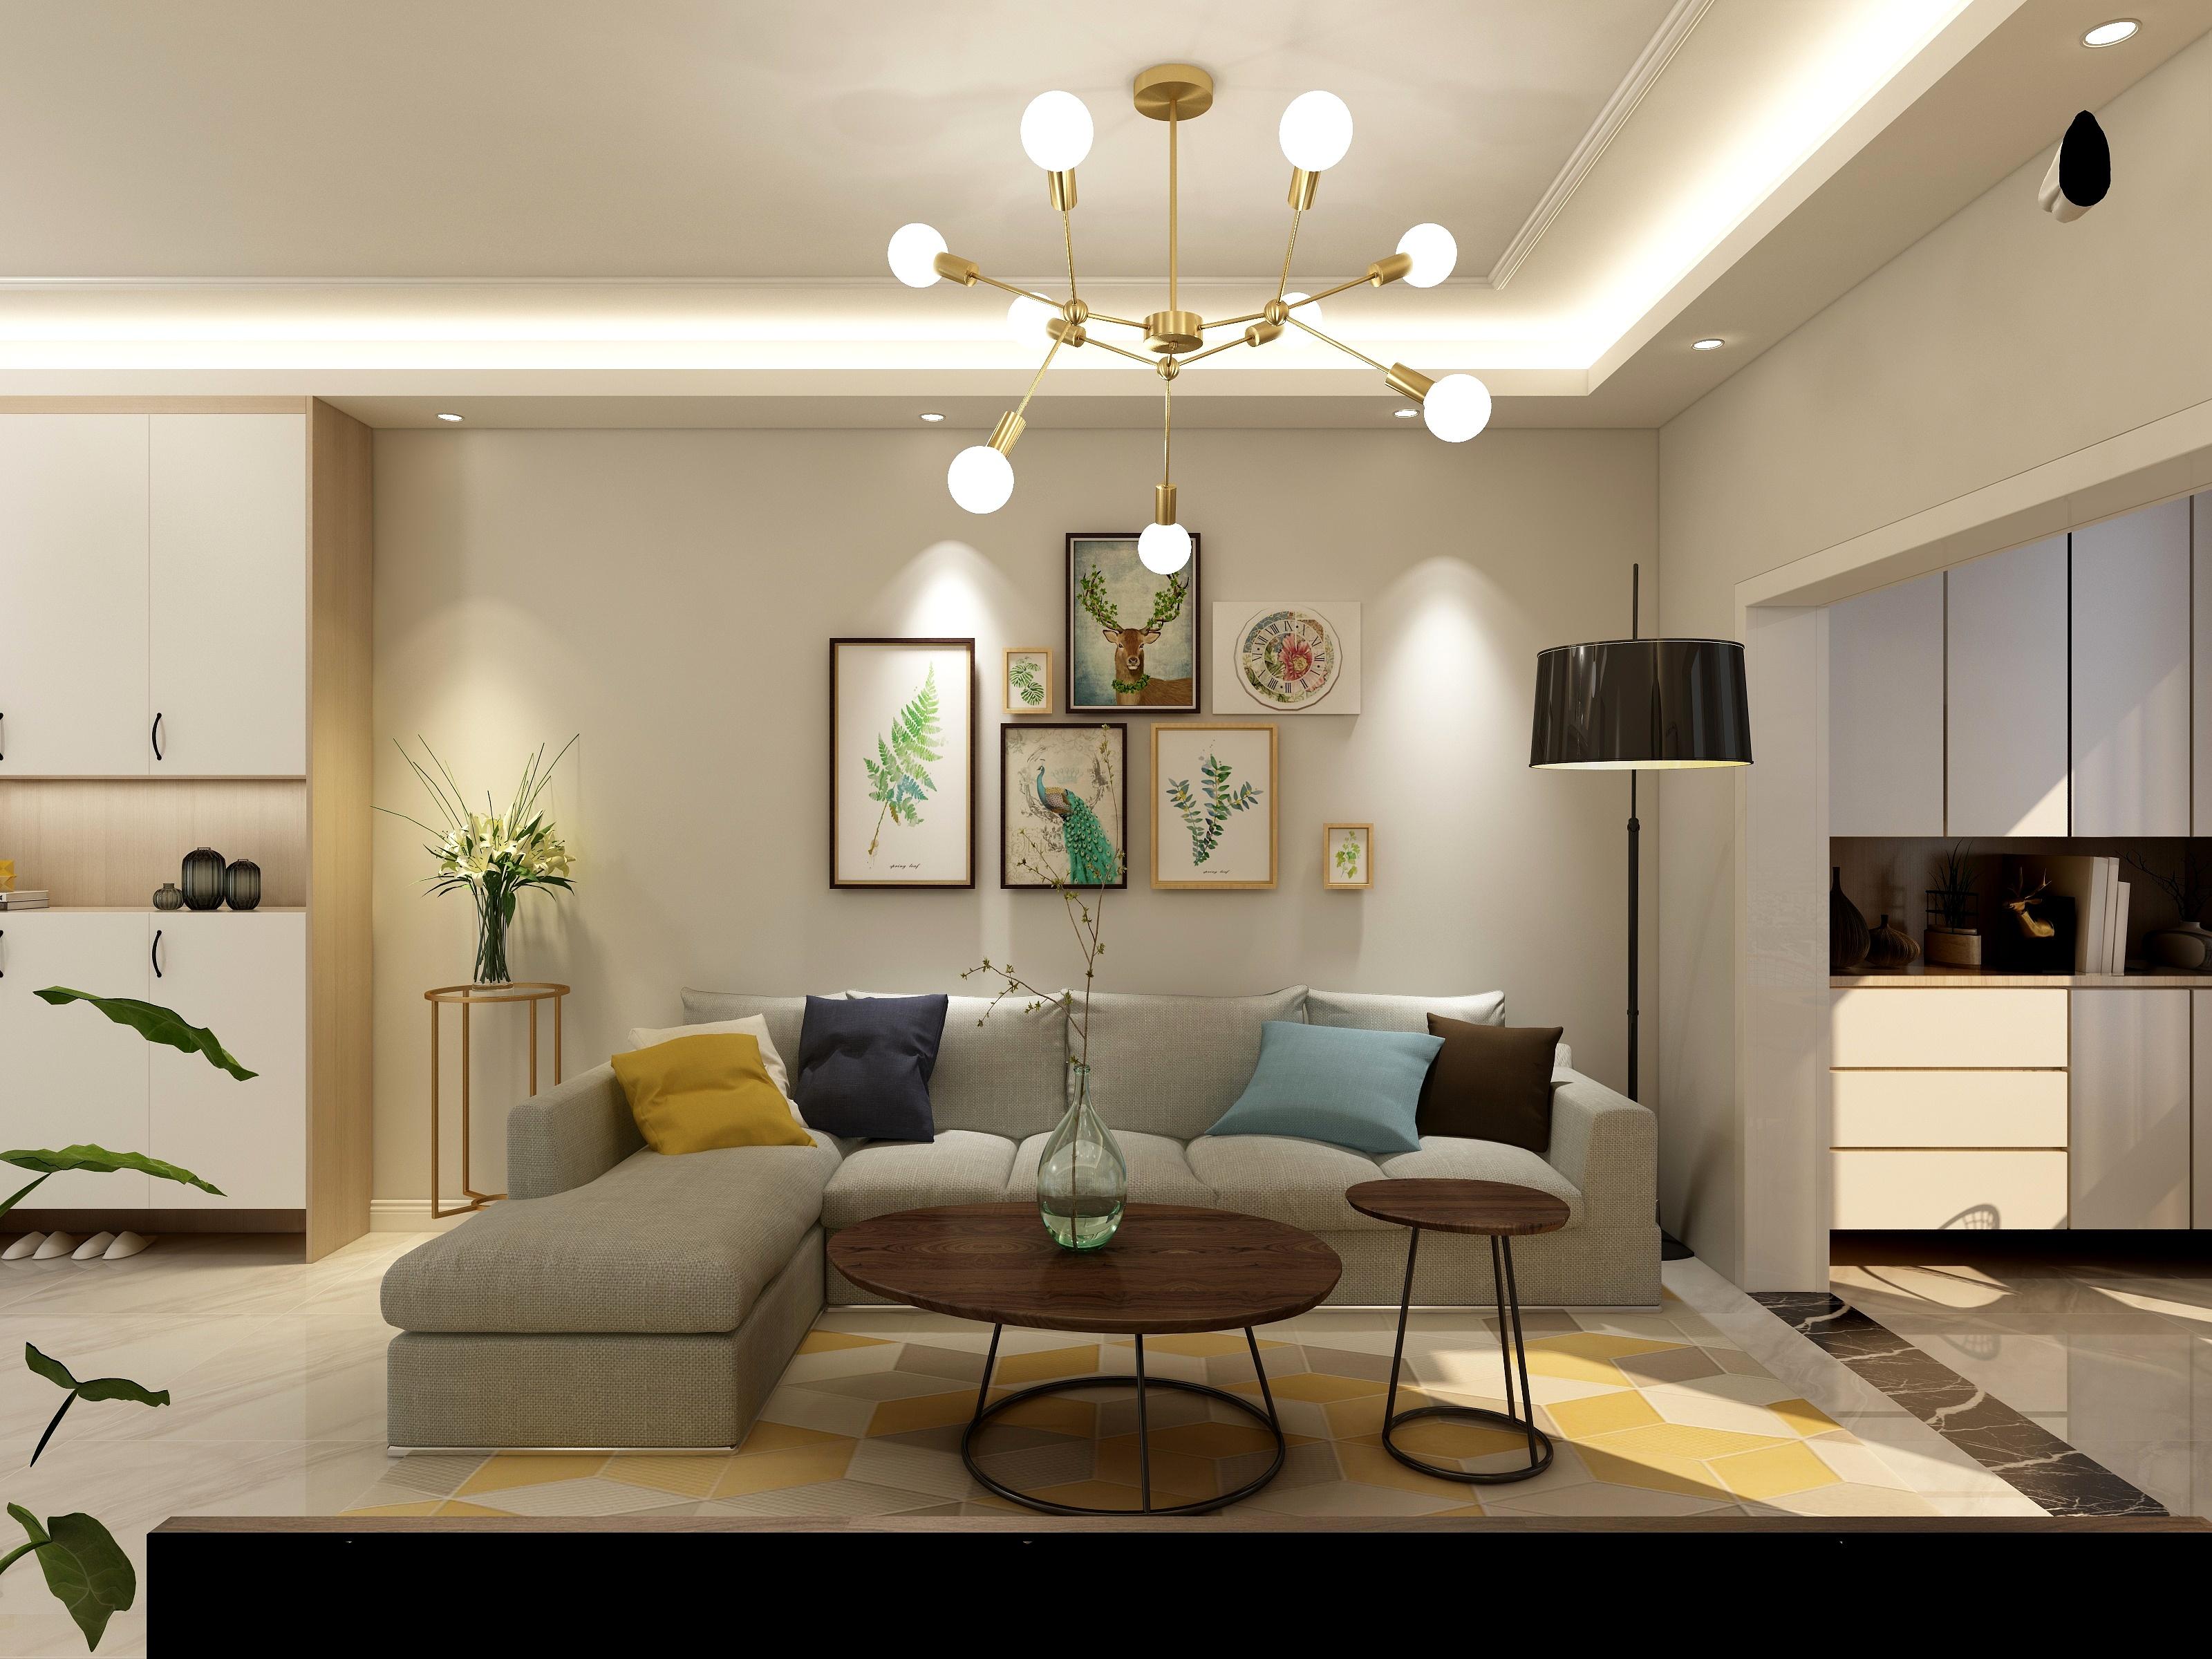 装修房屋如何选材料的好?